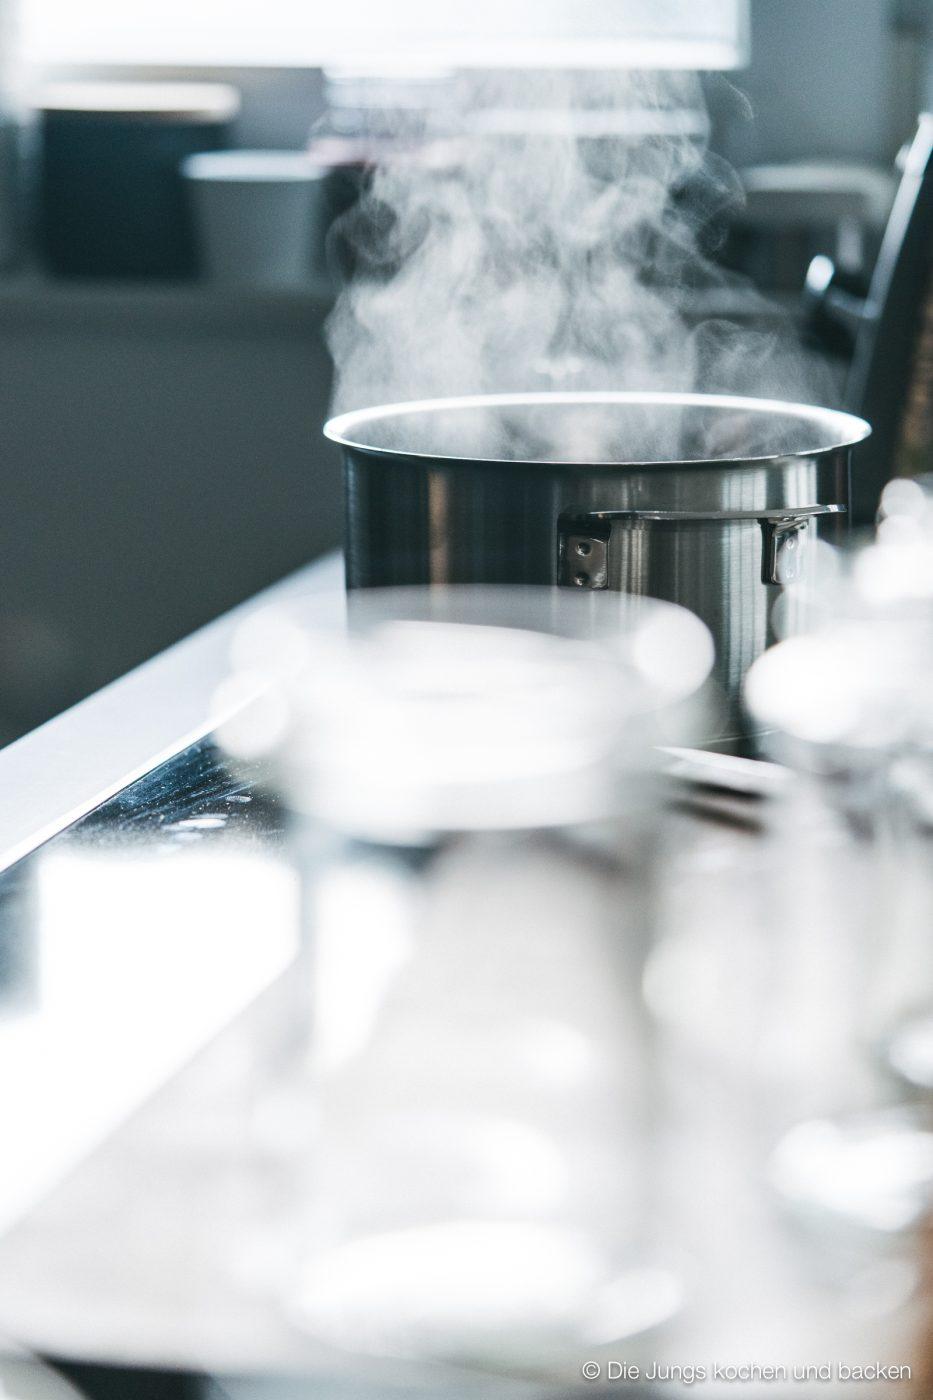 """Rezept für Fond. Kann als Saucenansatz oder auch in vielen Gerichten als Flüssigkeitszusatz verwendet werden. Hergestellt aus den """"Abfällen"""" beim Kochen. #resteverwertung #küchenabfälle #basisrezept #saucenbasis #rezepte"""